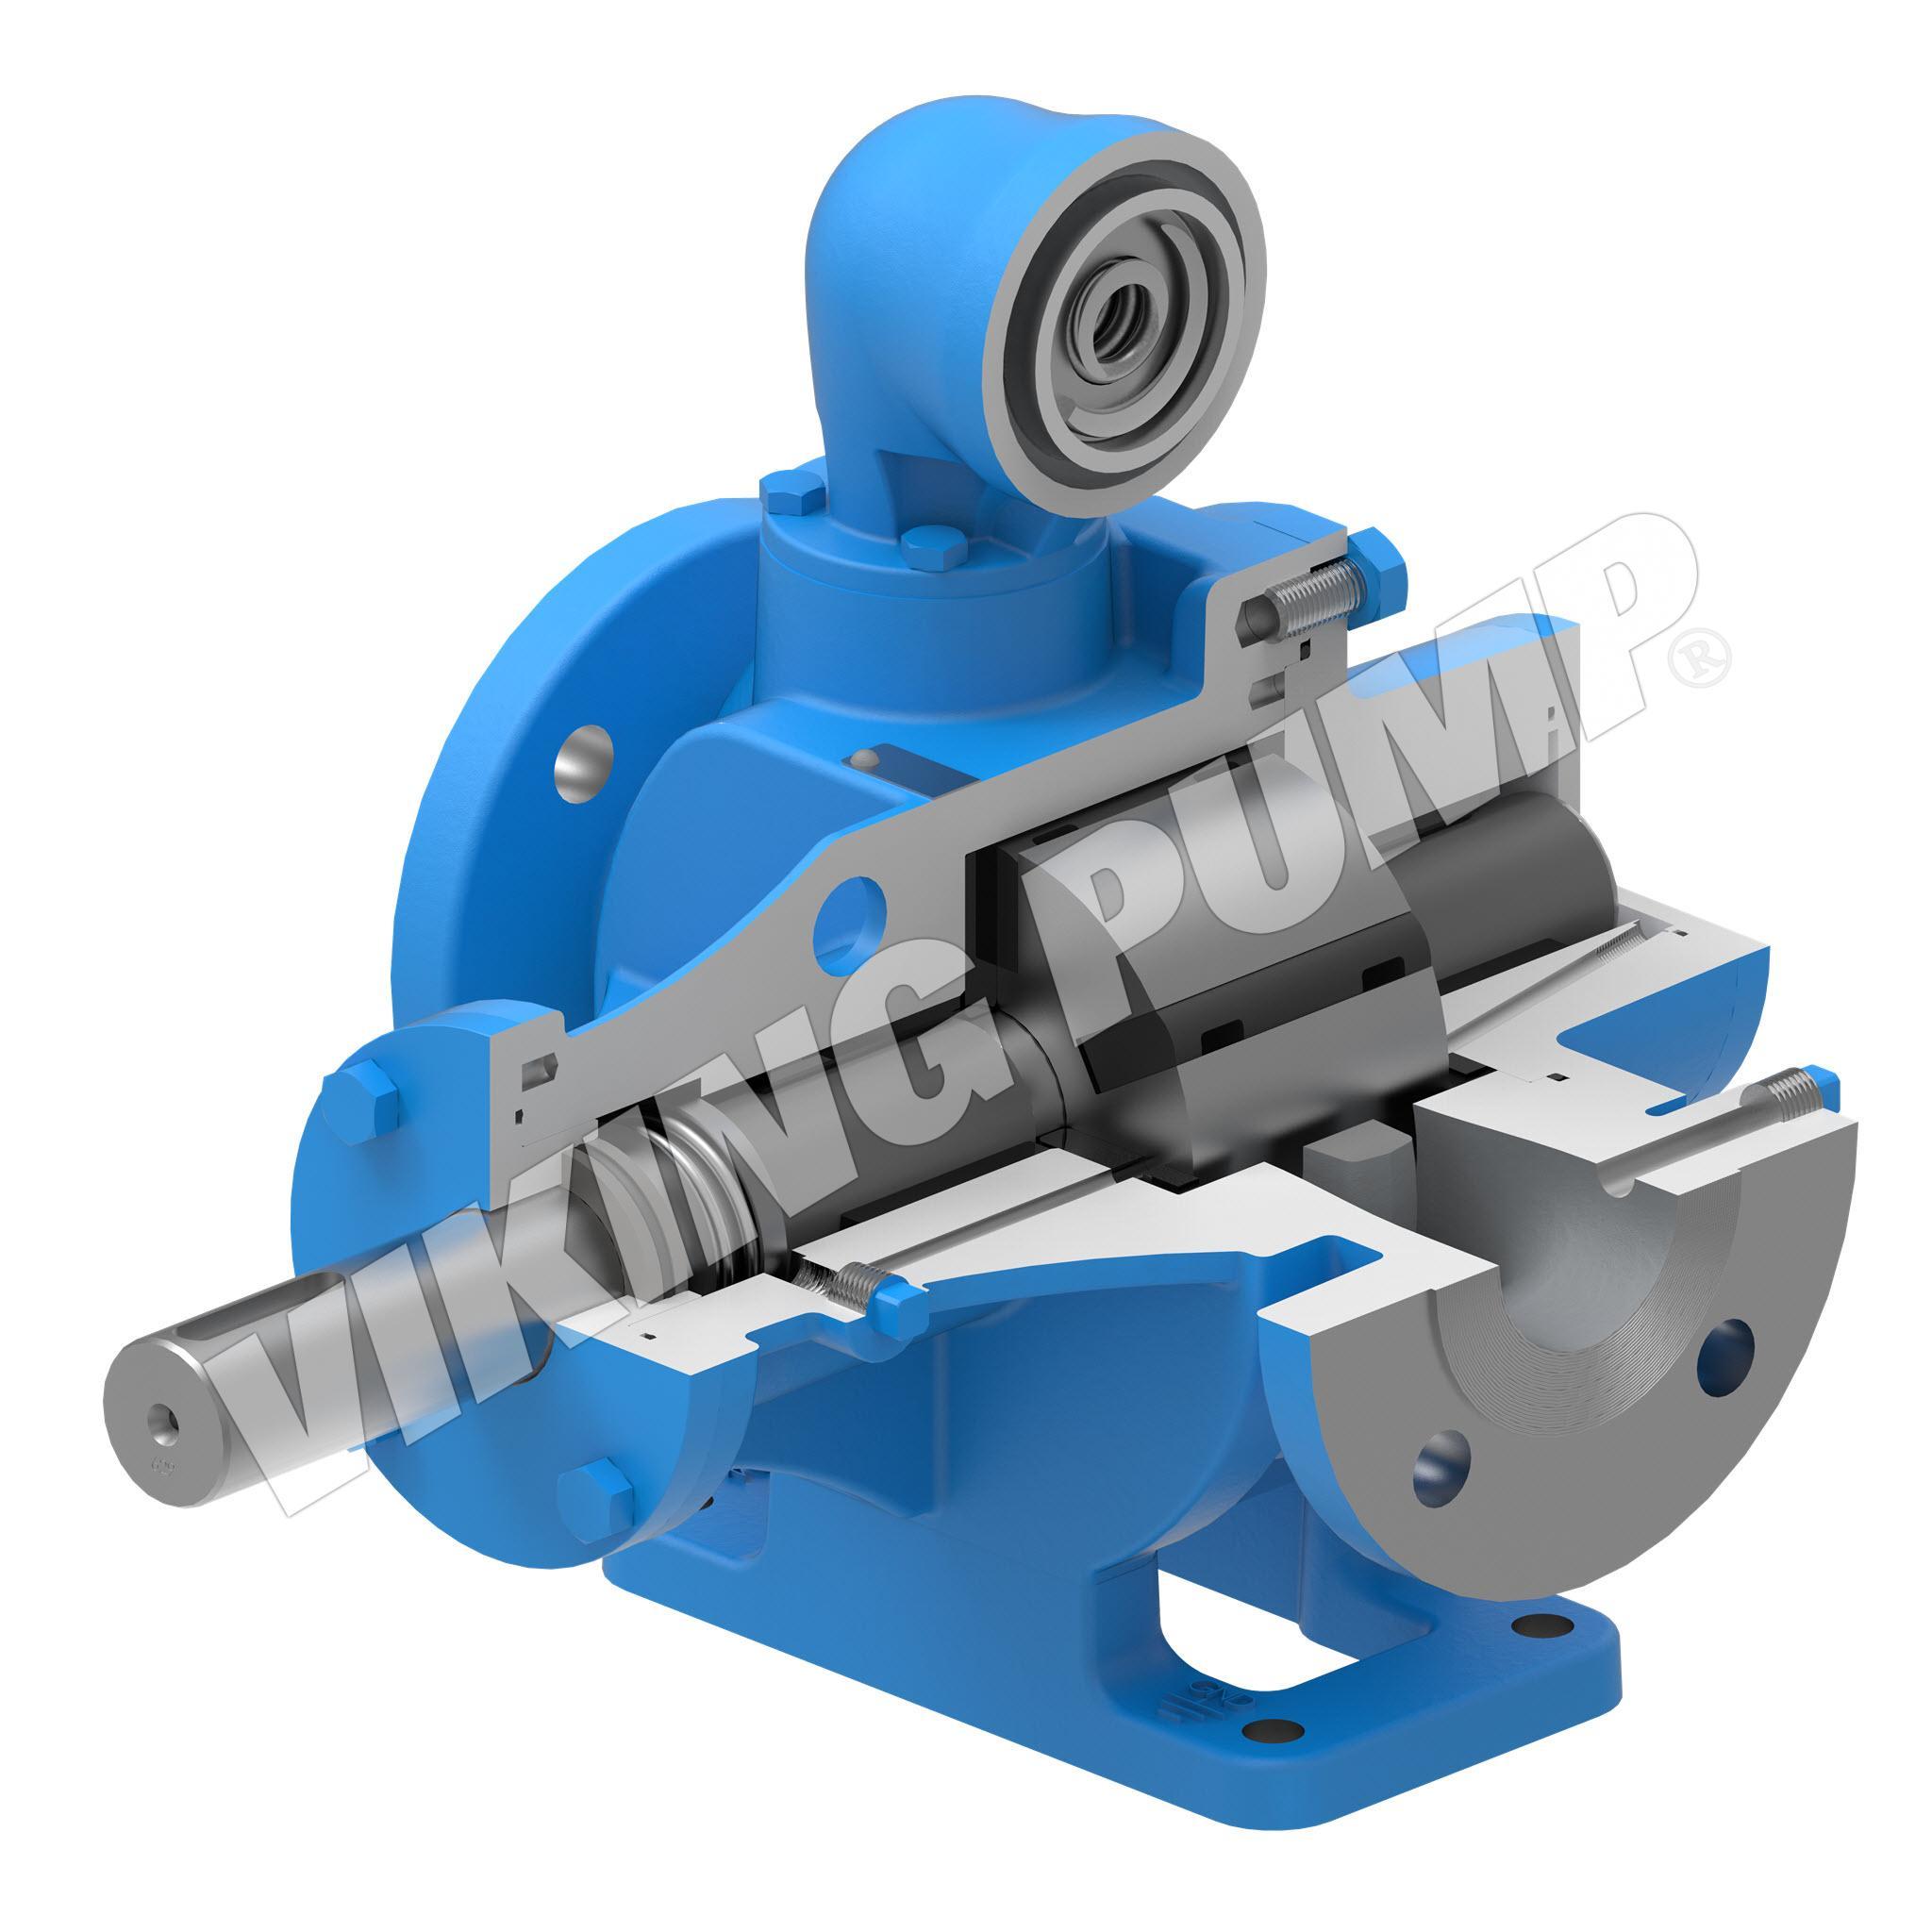 LVP Cutaway